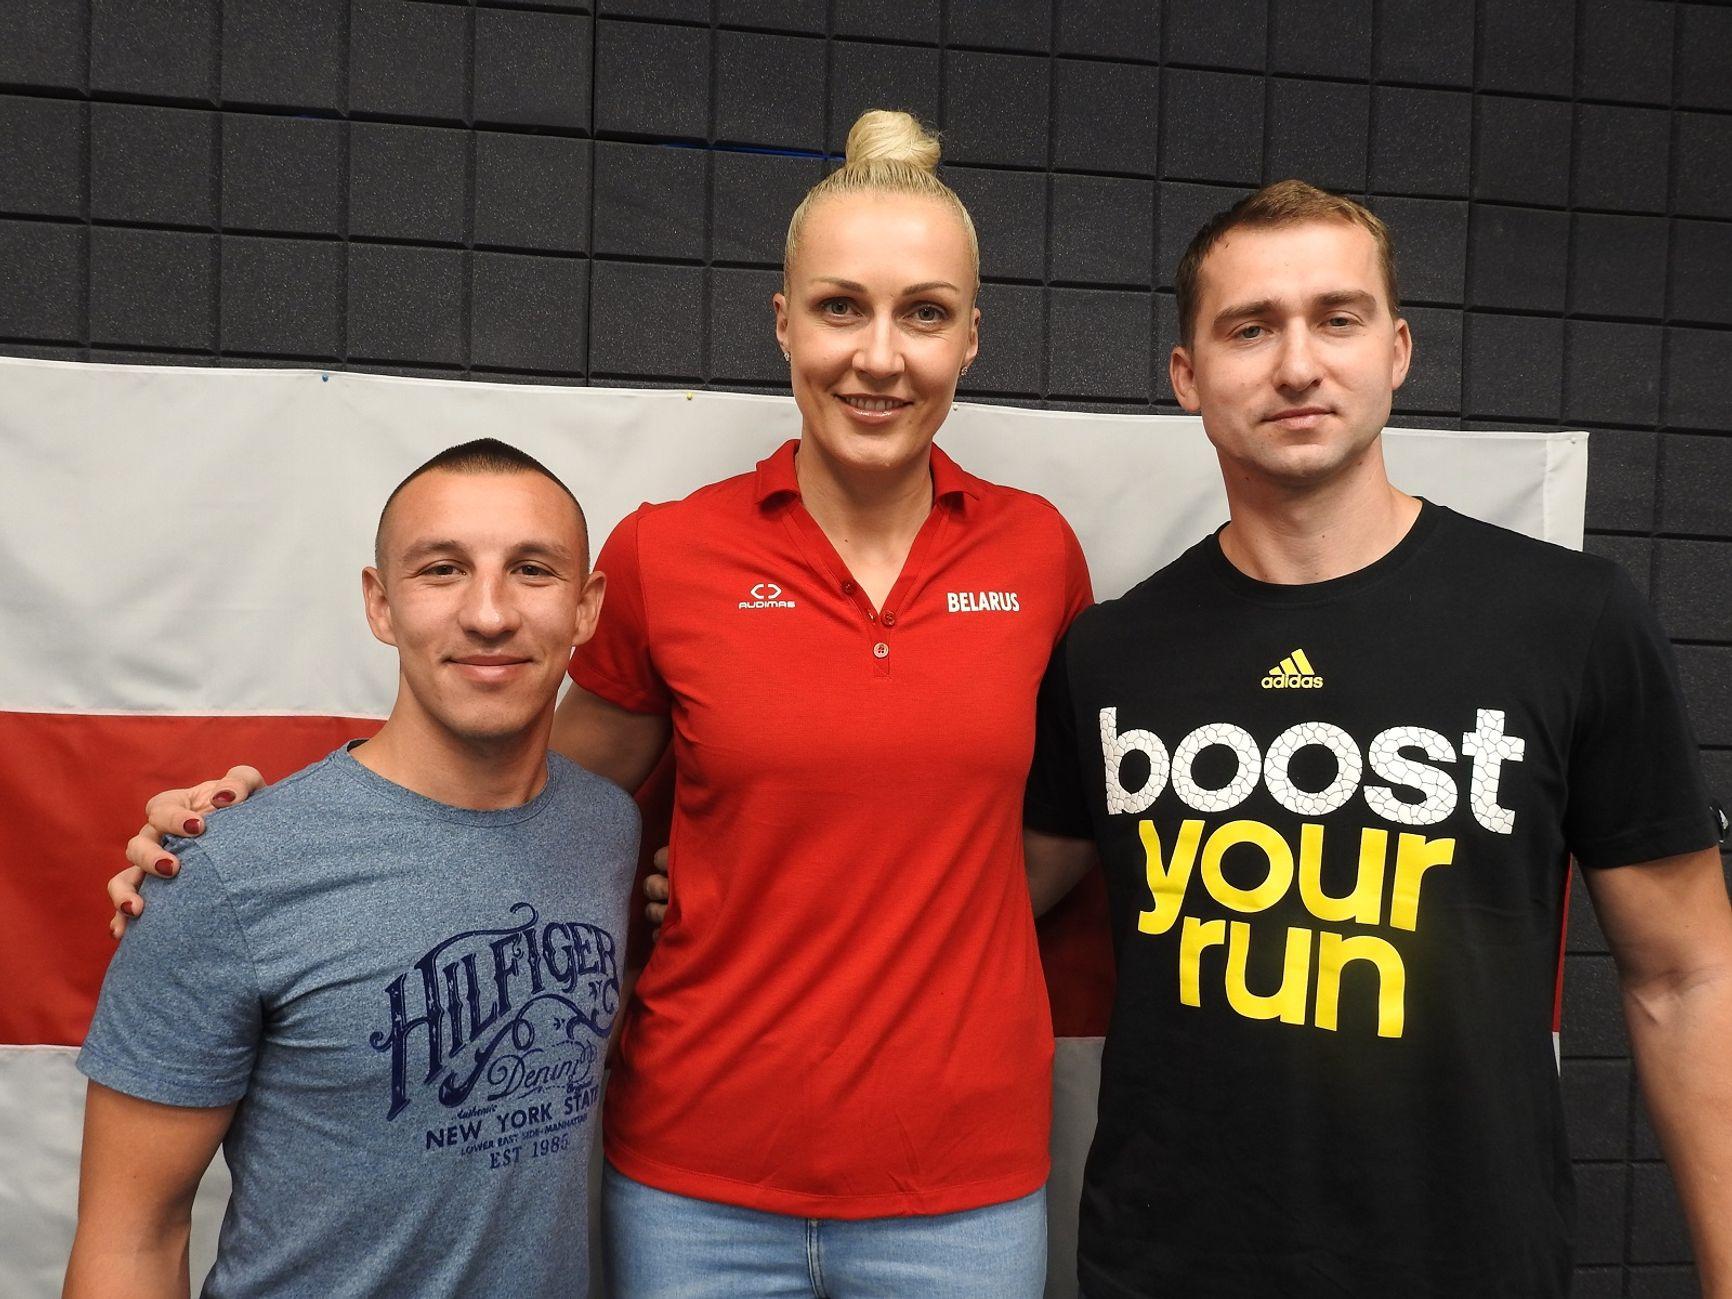 Баскетболистка Елена Левченко с кикбоксером Иваном Ганиным и легкоатлетом Андреем Кравченко после того, как оба спортсмена провели 10 суток в изоляторе